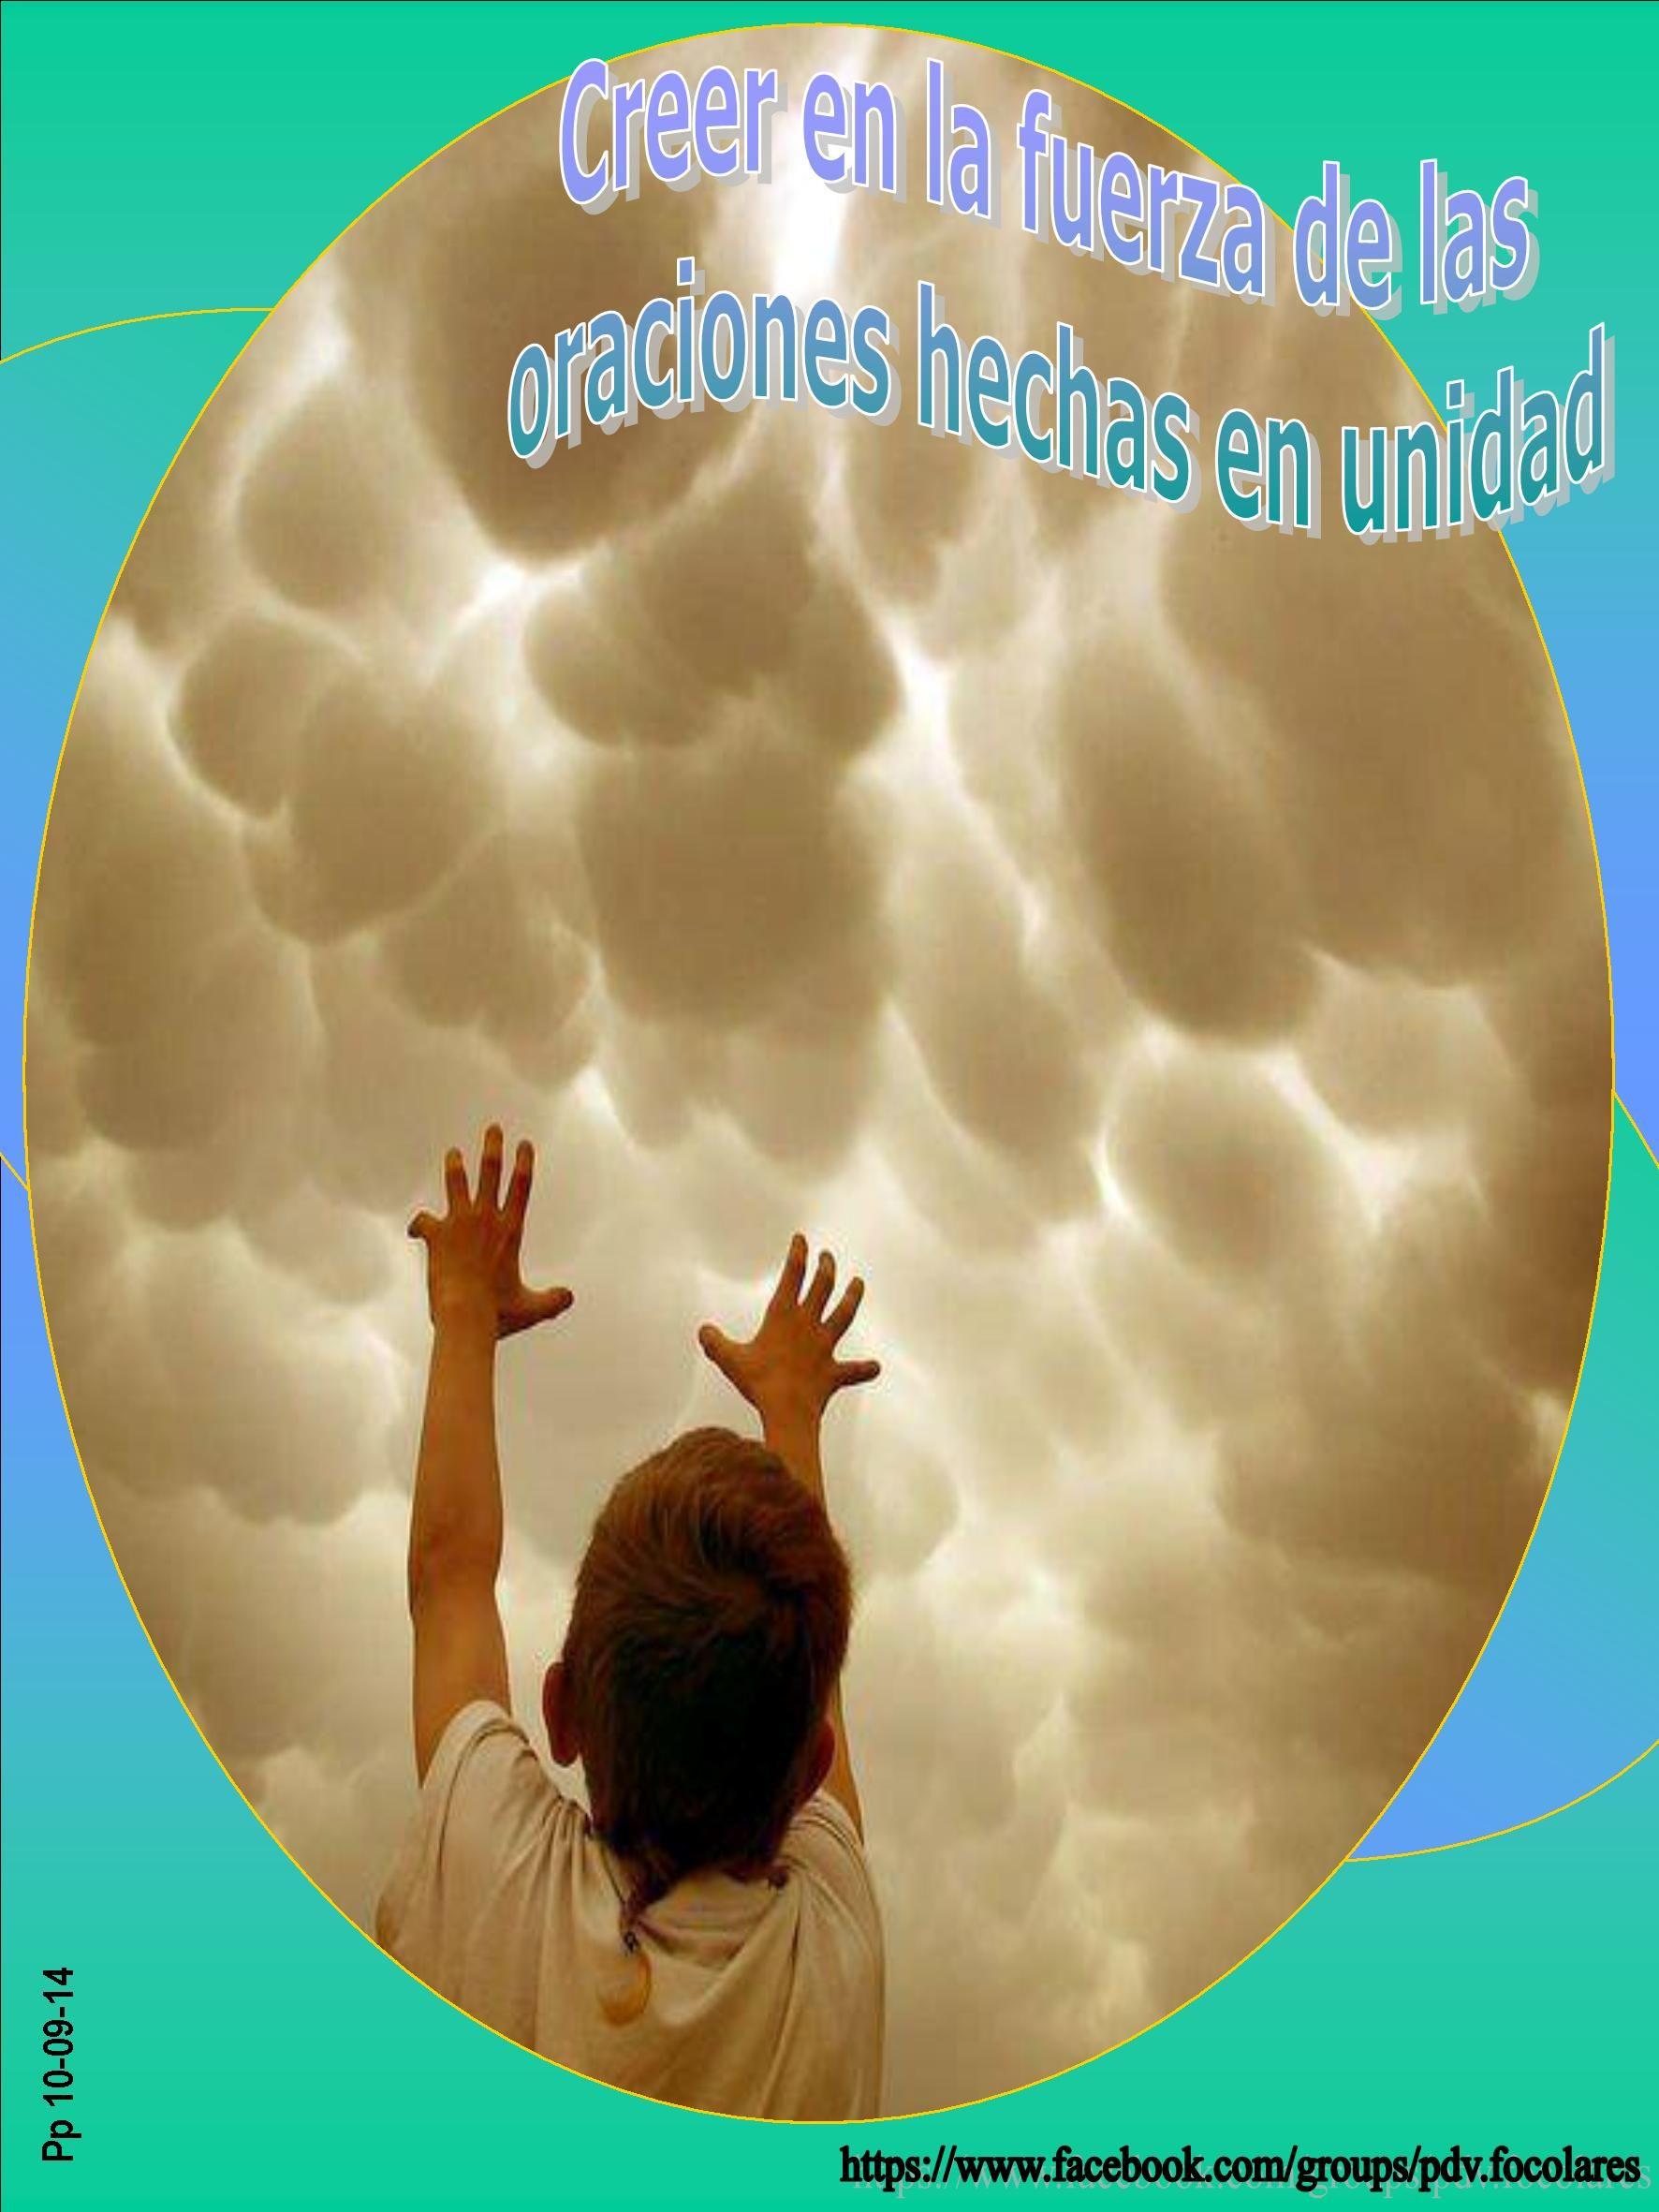 #Pasapalabra 10-09-14 * Creer en la fuerza de las oraciones hechas en unidad*